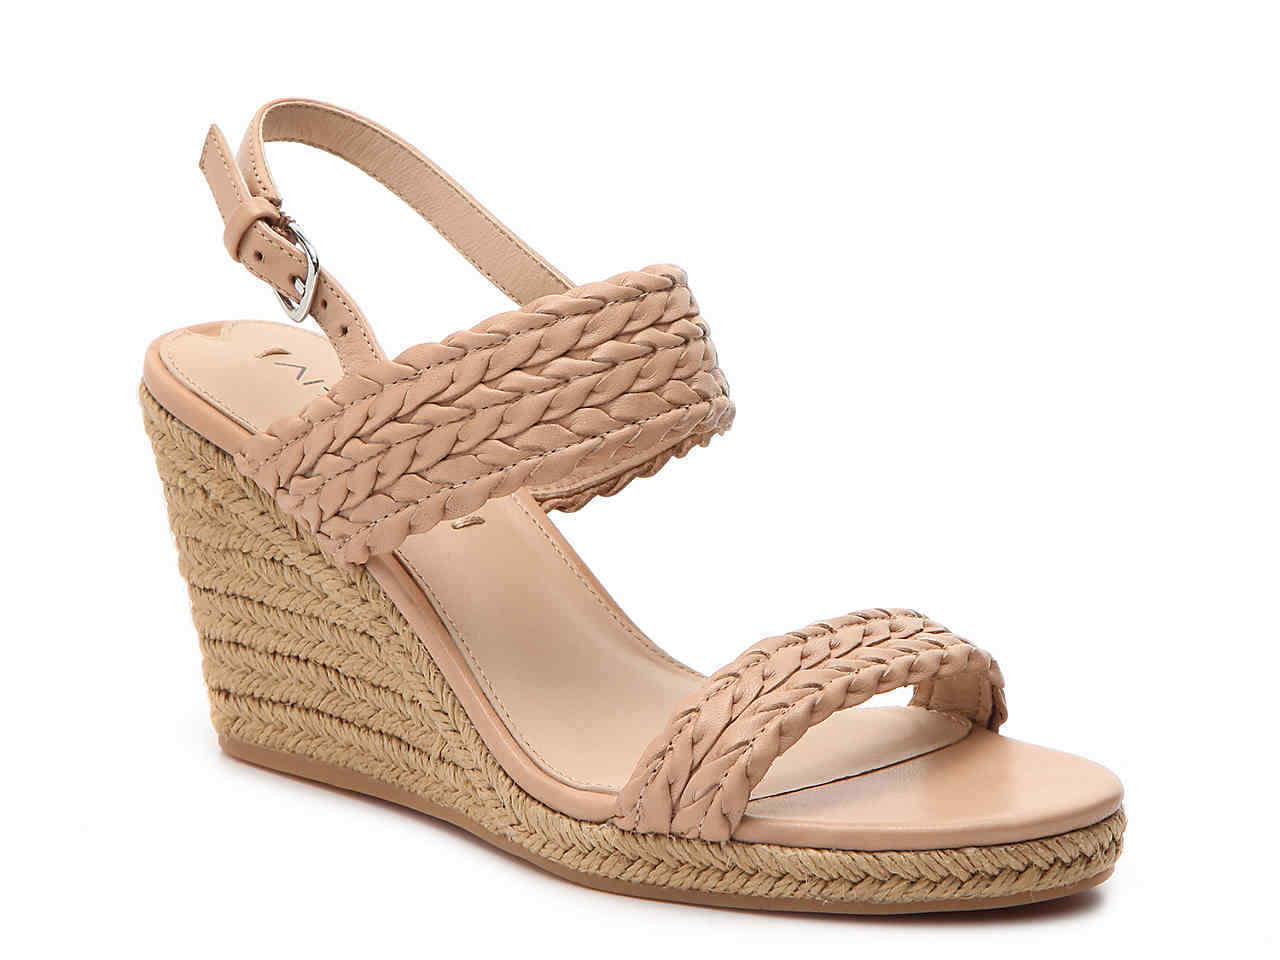 Via Spiga Women's Women's Spiga Indira Espadrille Wedge Sandals Sz.10 fa1709